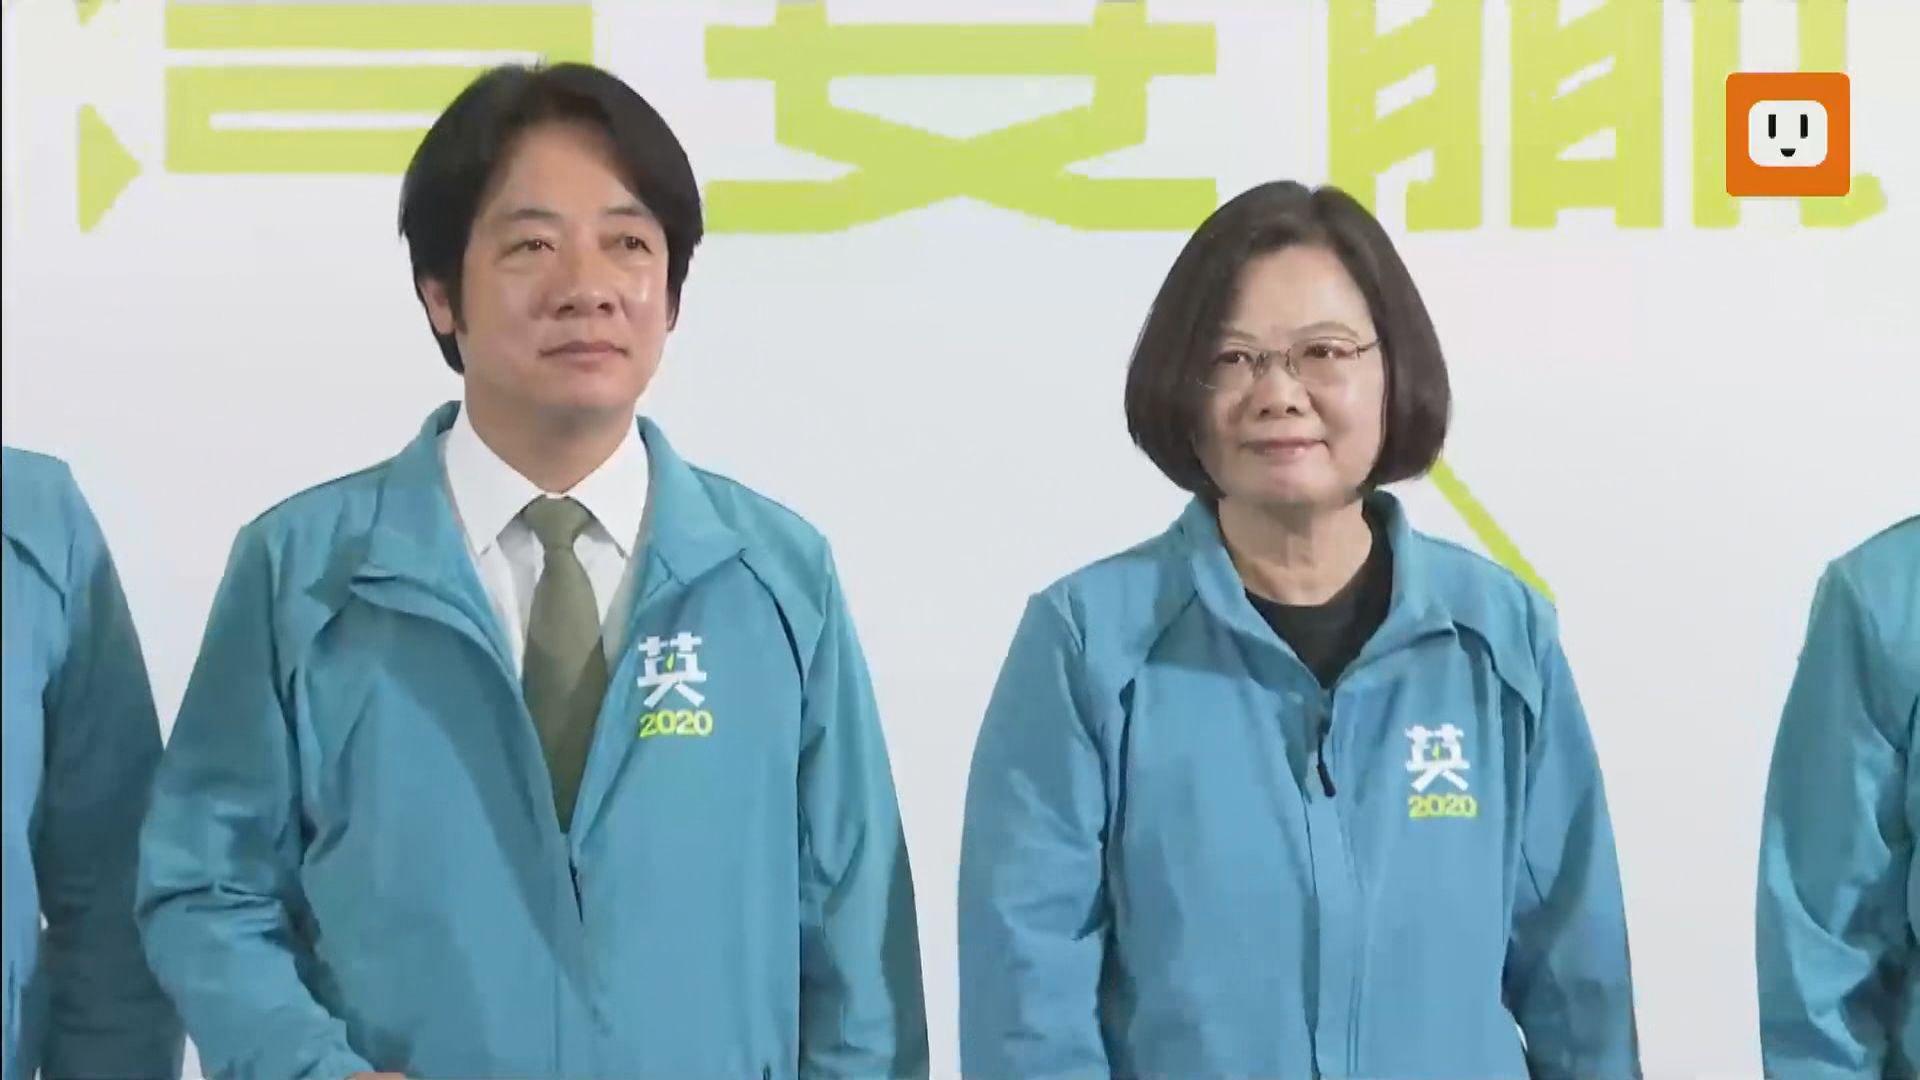 分析:民進黨「蔡賴配」互補不足